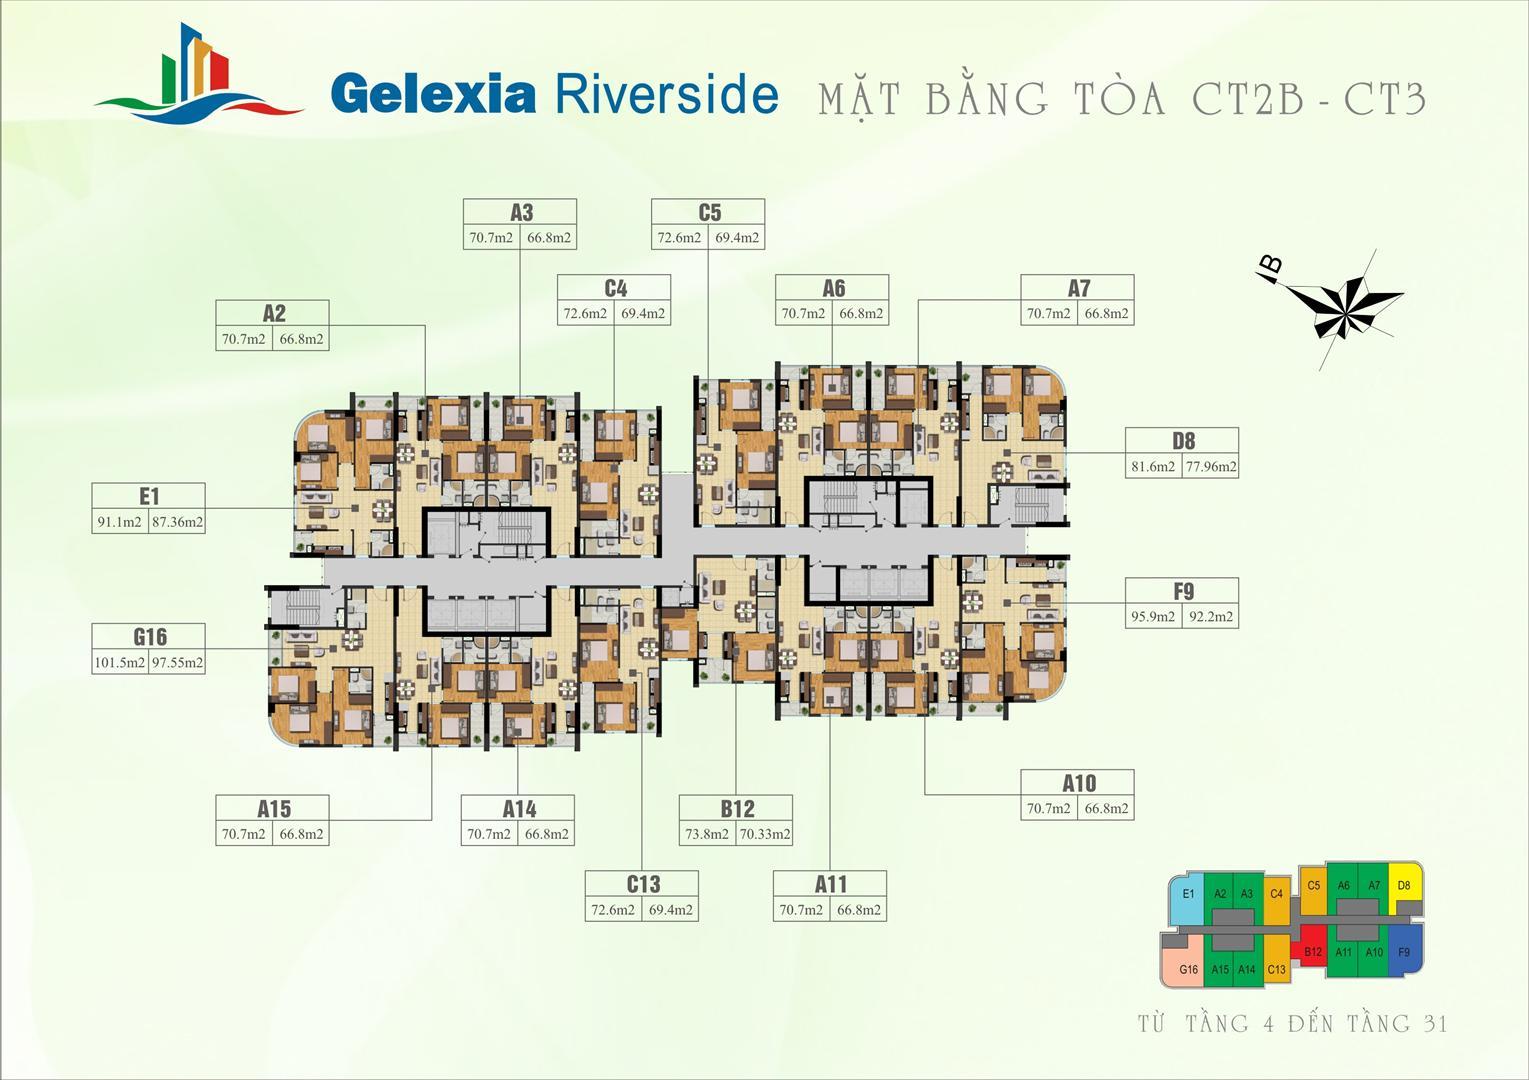 Mặt bằng Gelexia Riverside